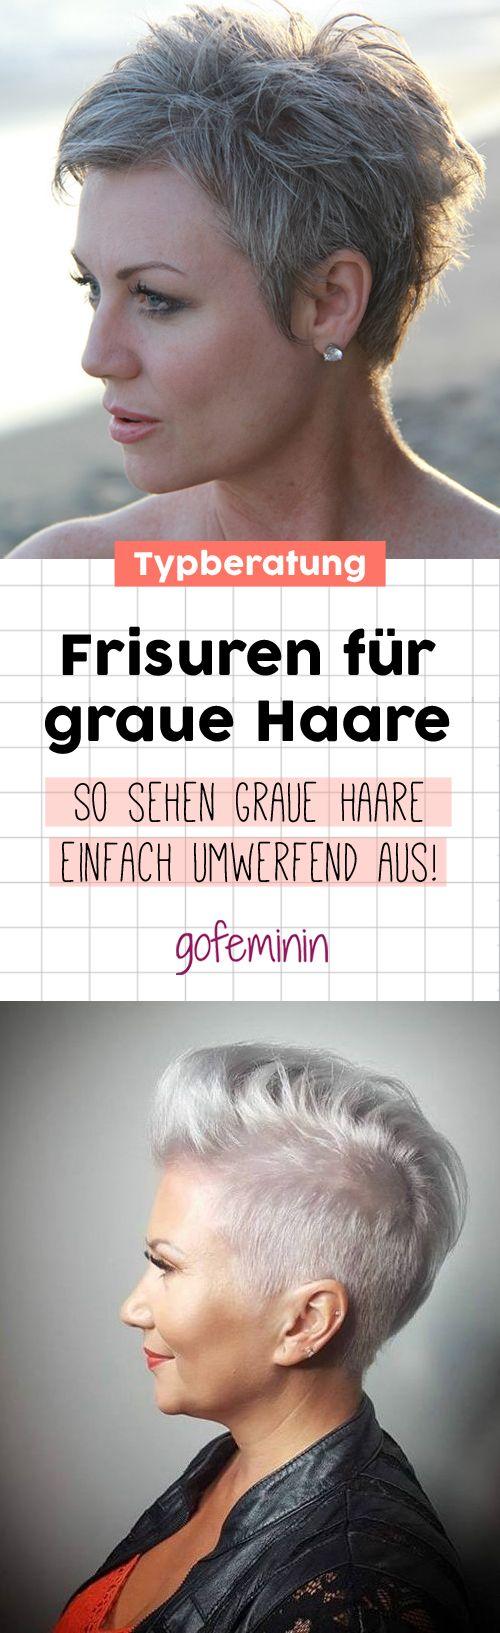 Grey is the new Black: 30 Frisuren für graue Haare – gofeminin.de